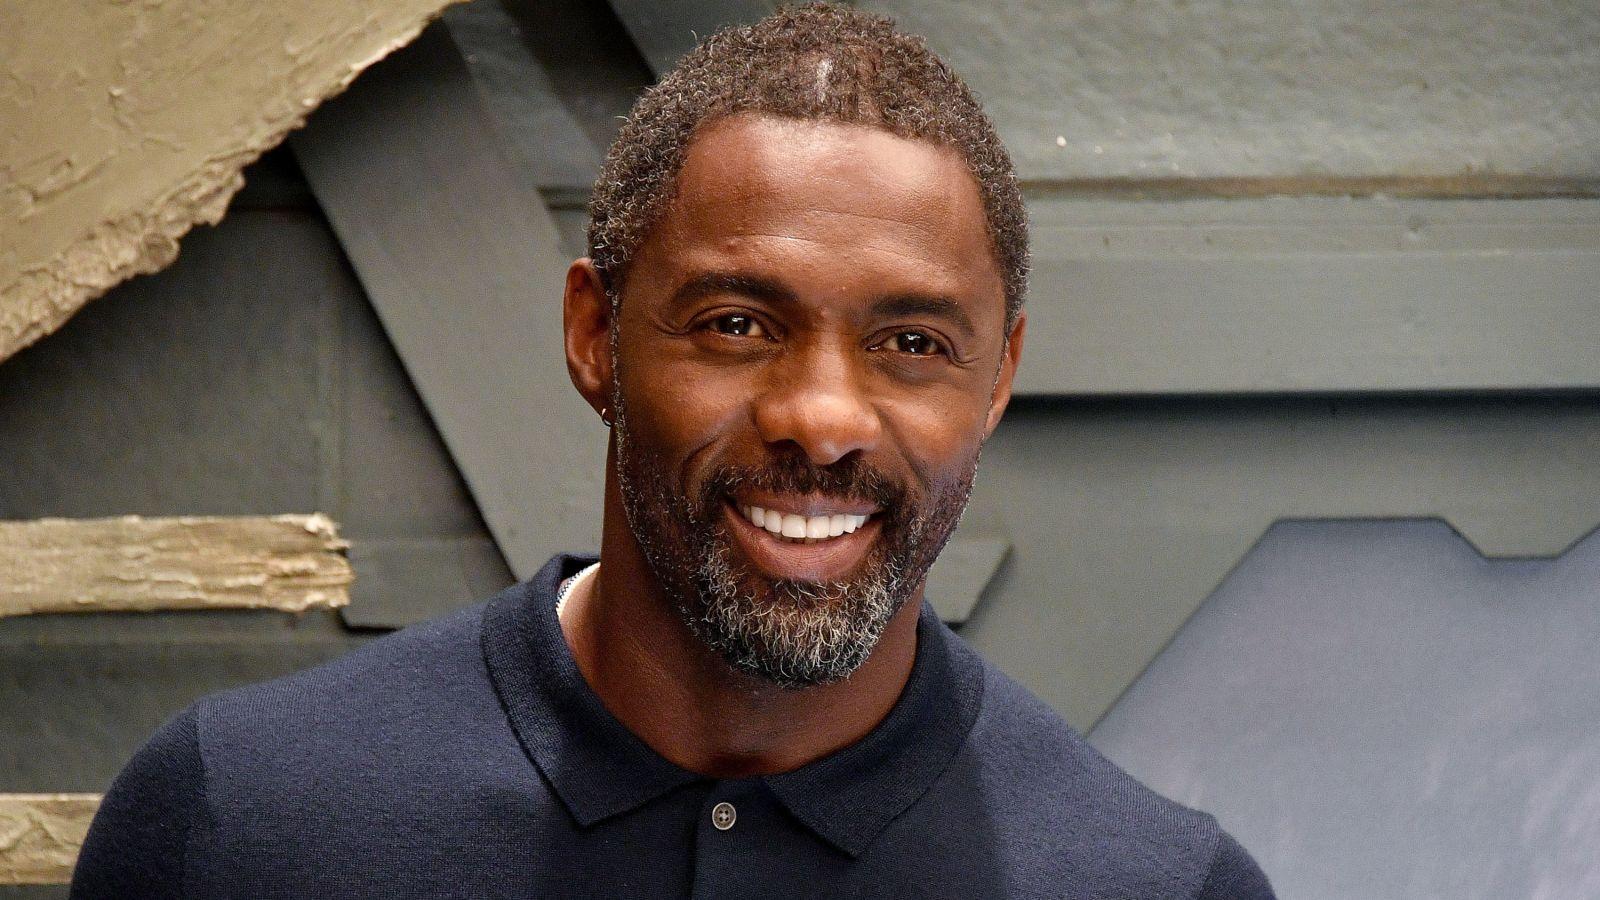 In the Long Run, la comédie basée sur la jeunesse d'Idris Elba